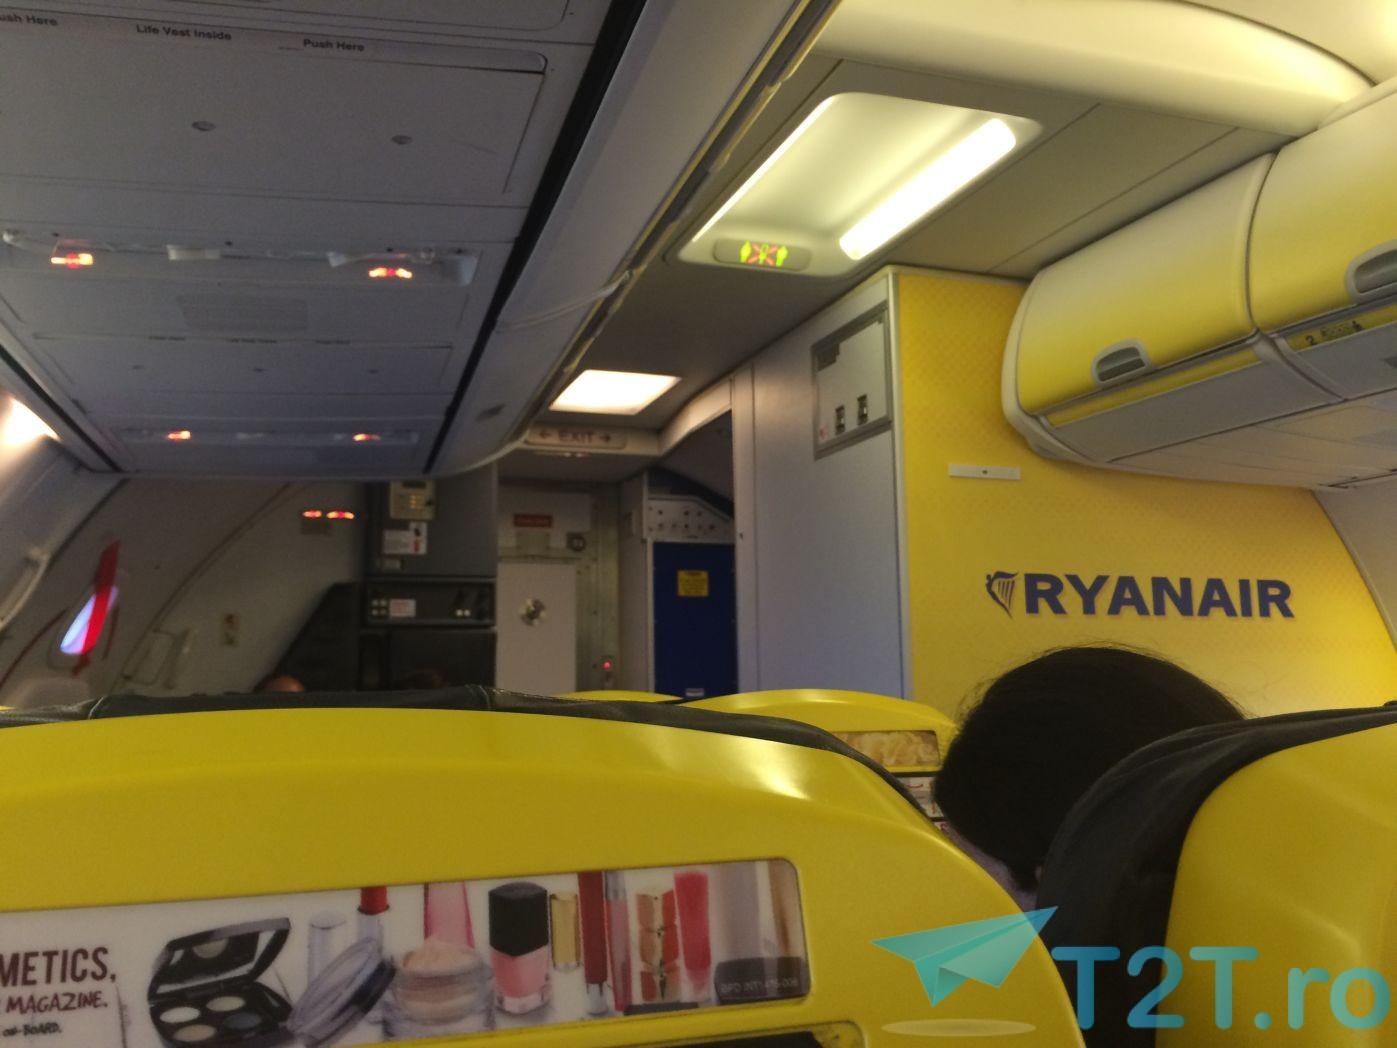 Noul interior pentru aeronavele ryanair are mult mai putin galben - Cabina ryanair ...